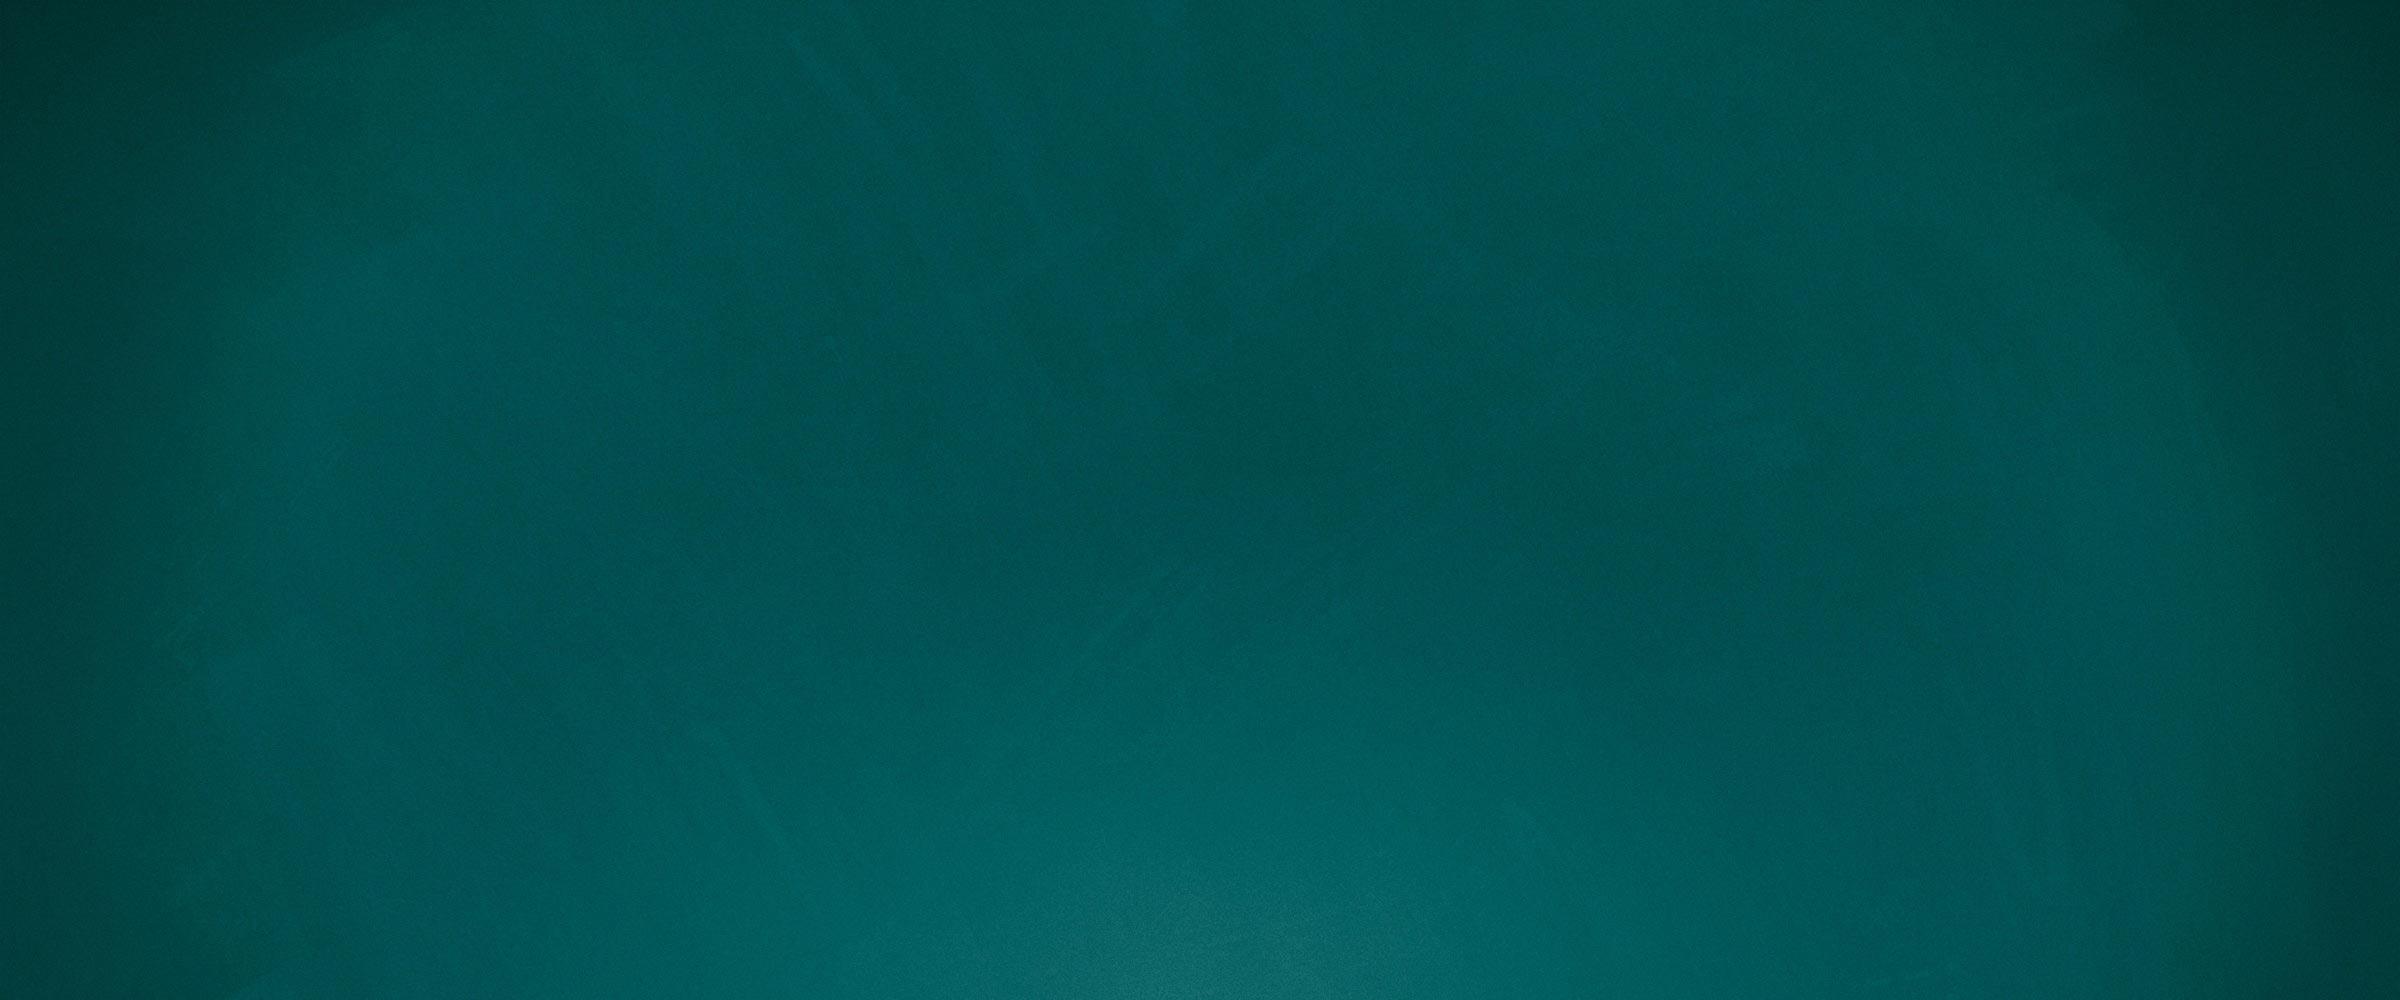 marktrausch Hintergrundbild grün